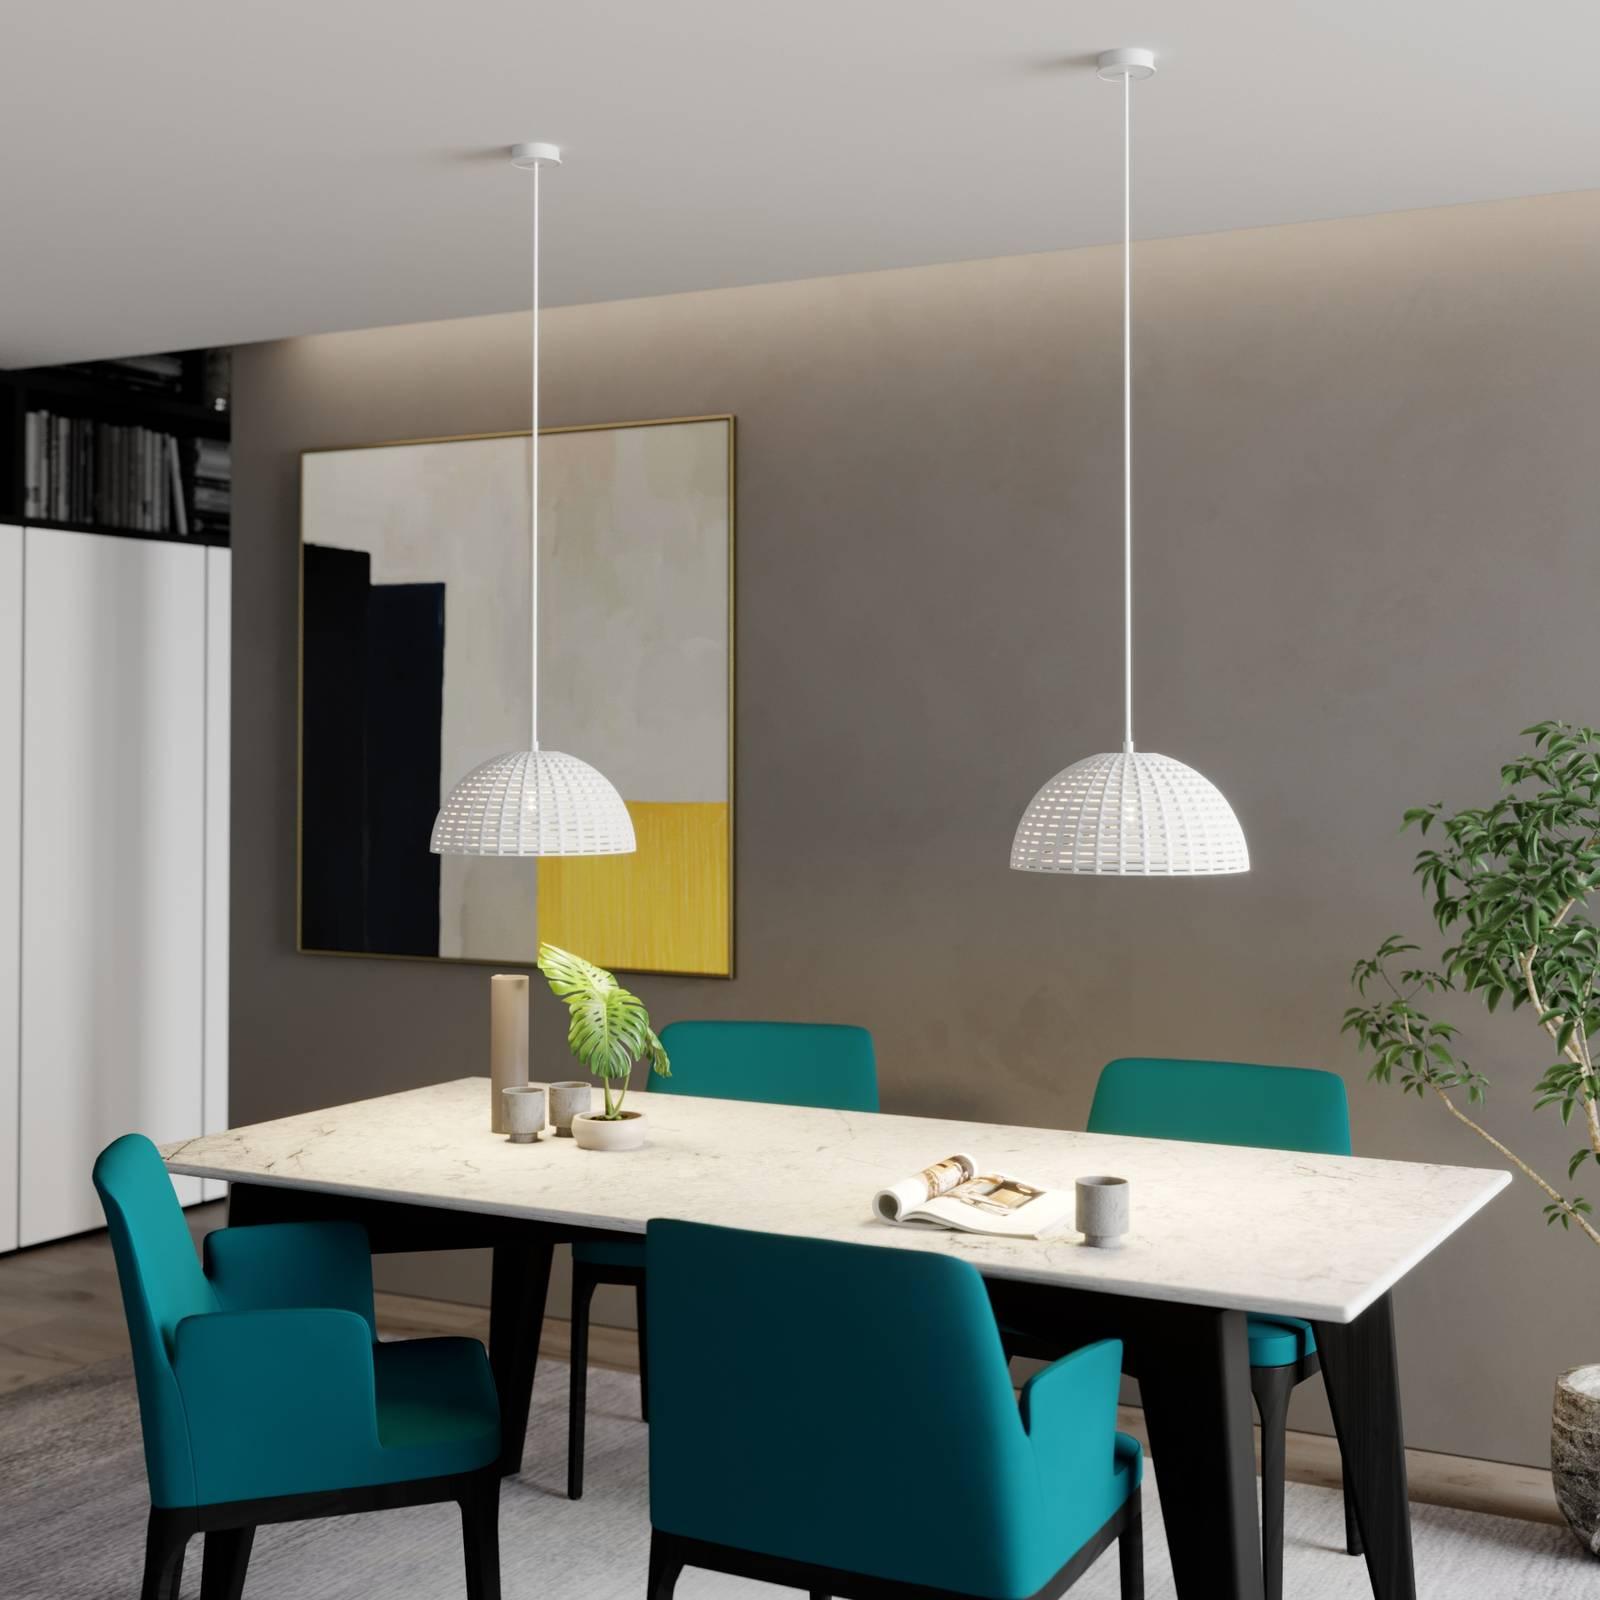 Lucande Herdis hanglamp van gips, Ø 34 cm